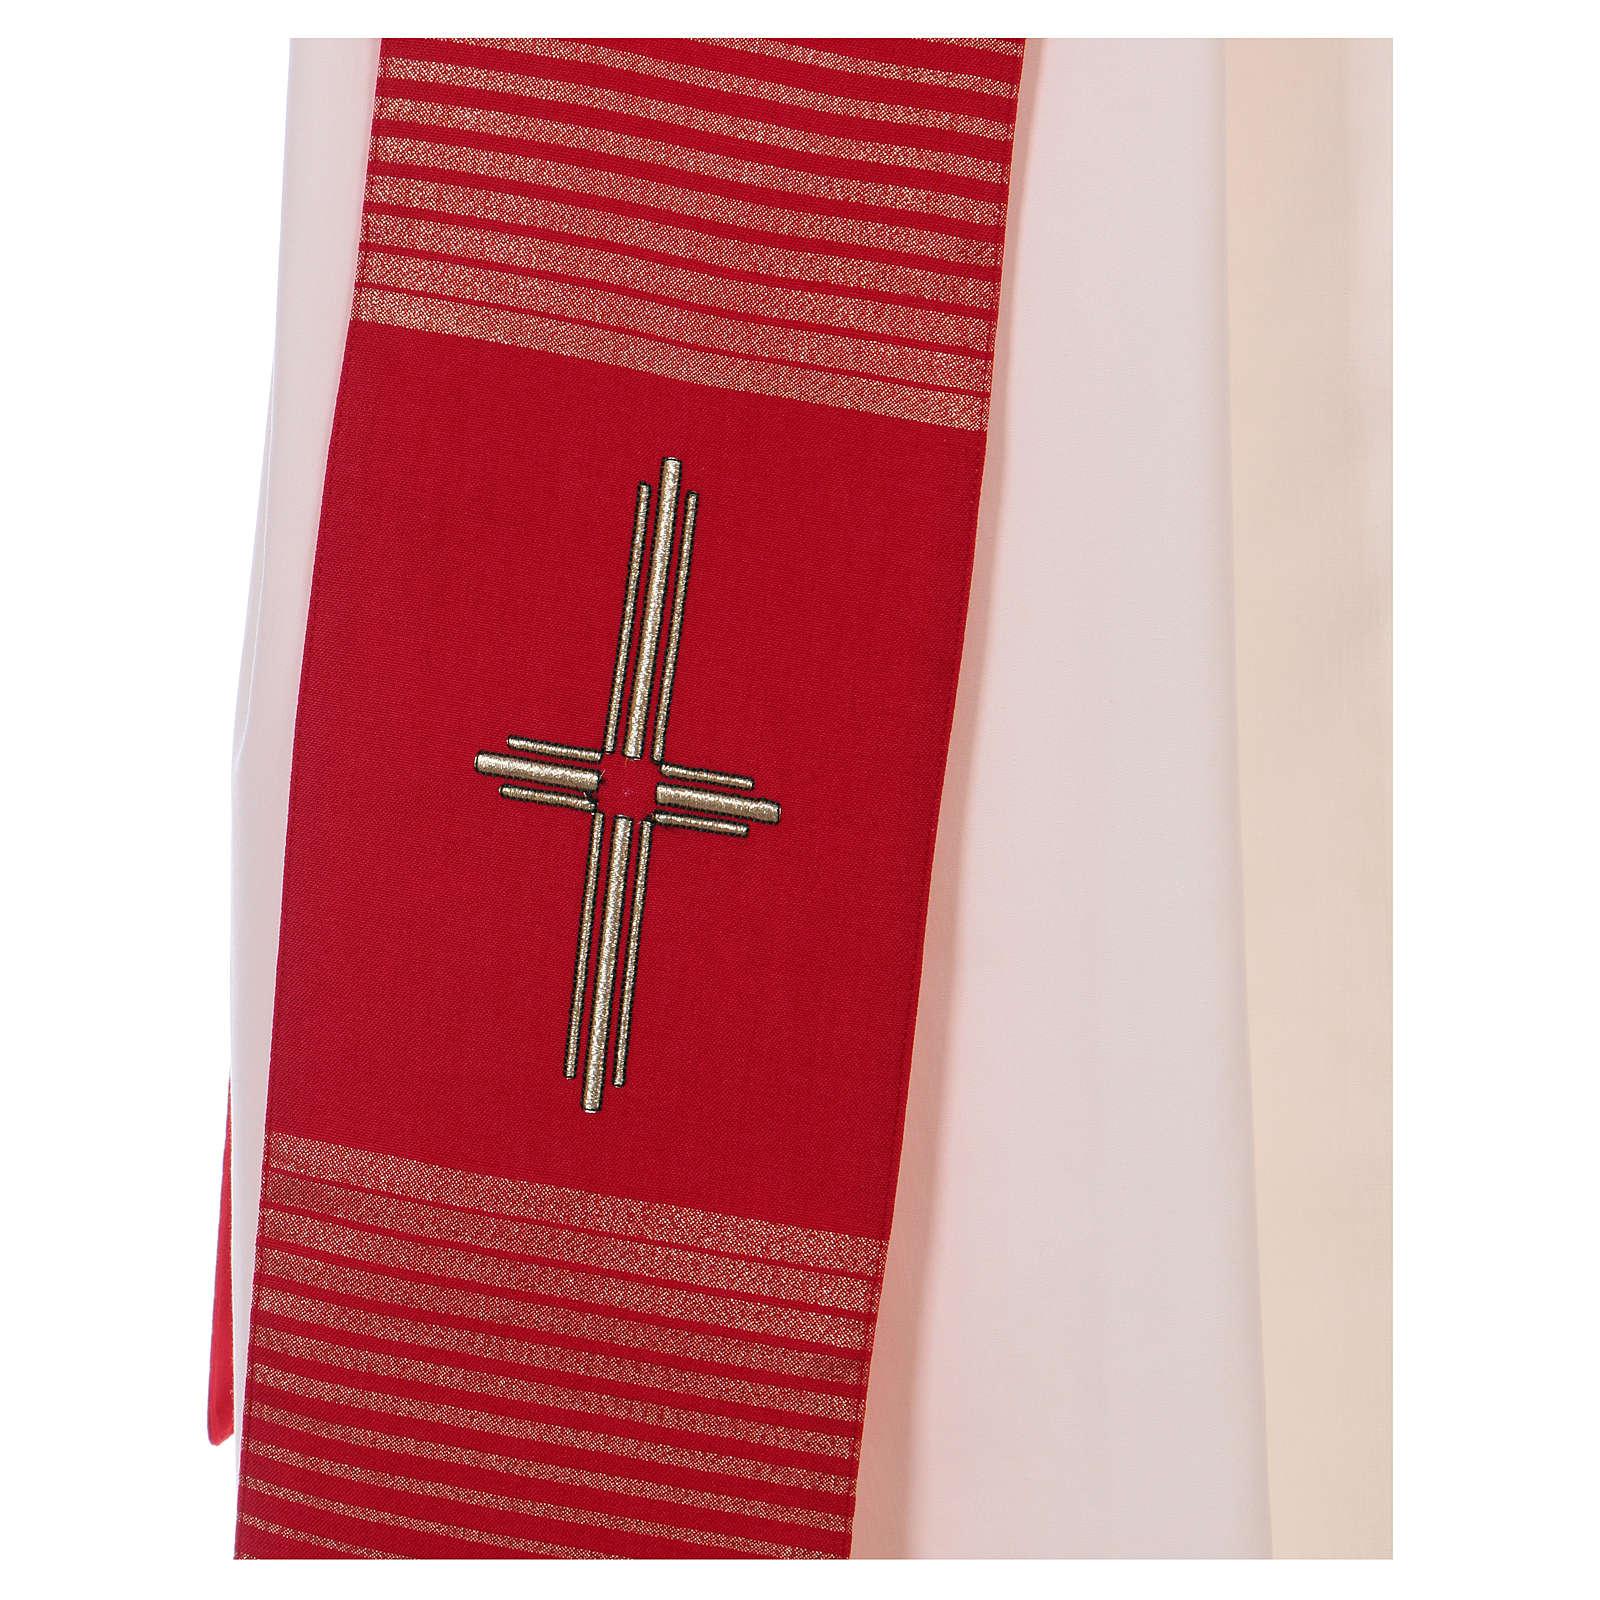 Étole 58% laine 32% soie 10% lurex avec croix dorée 4